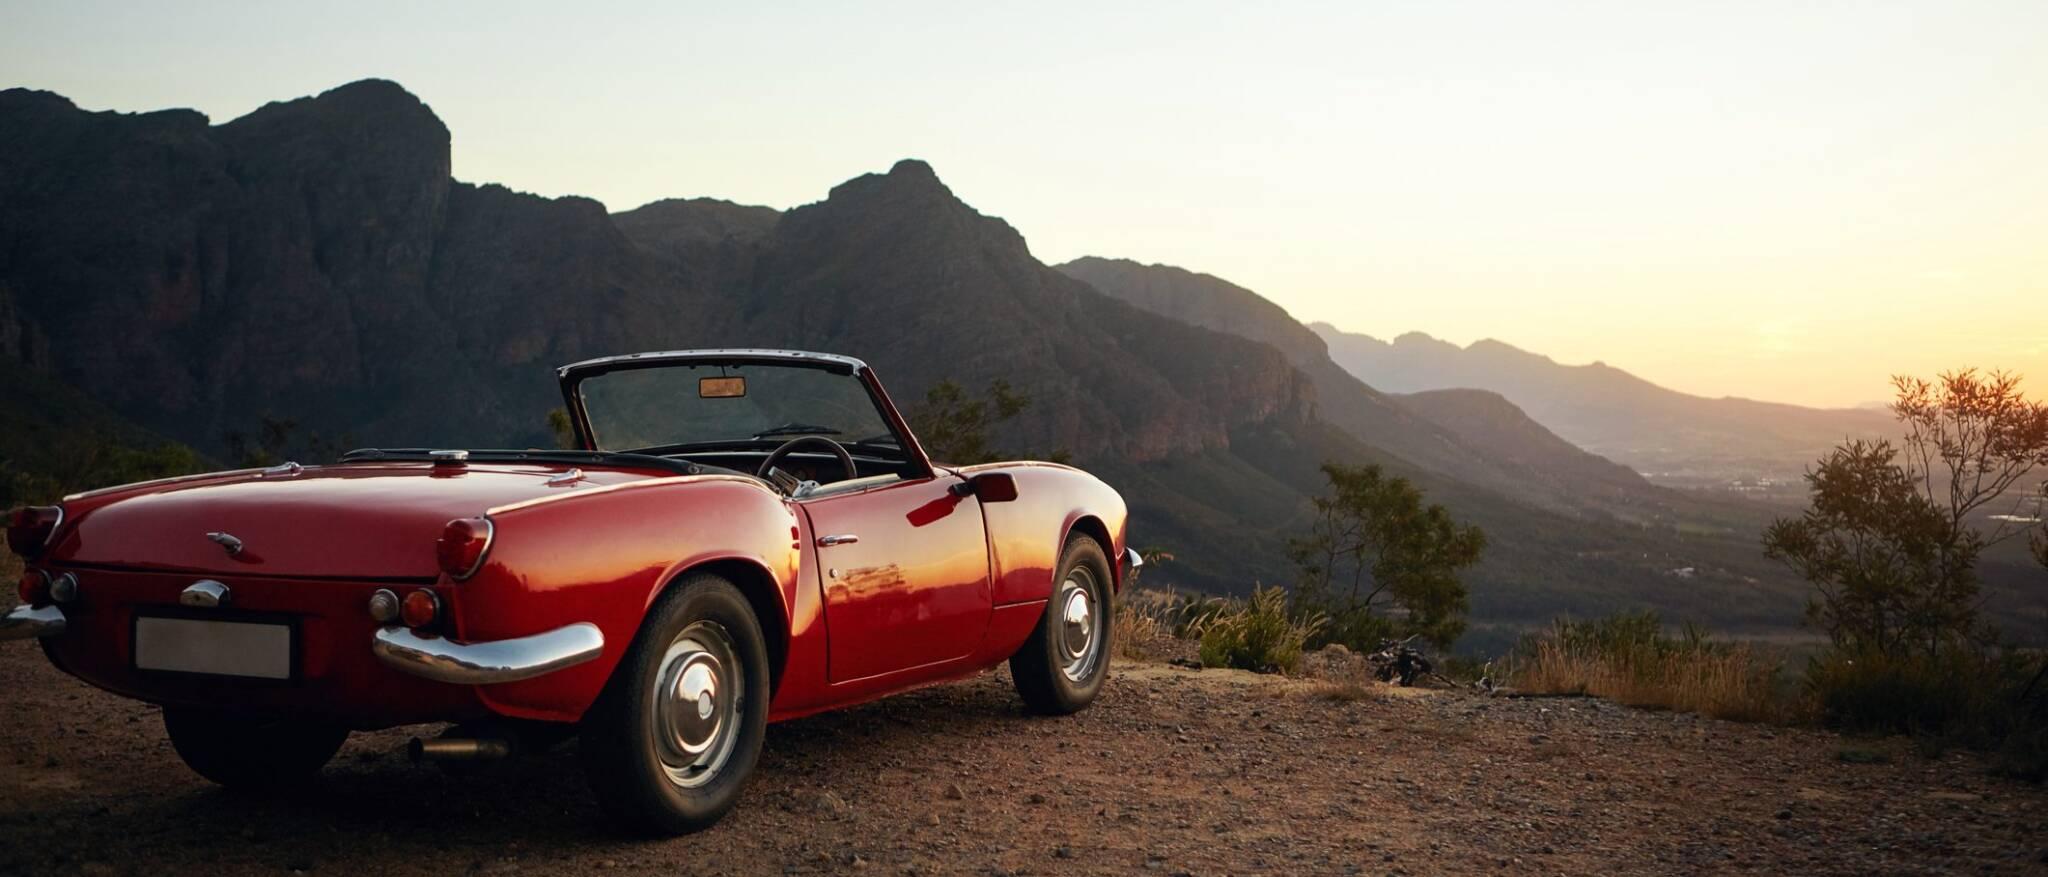 voiture vintage sur une montagne